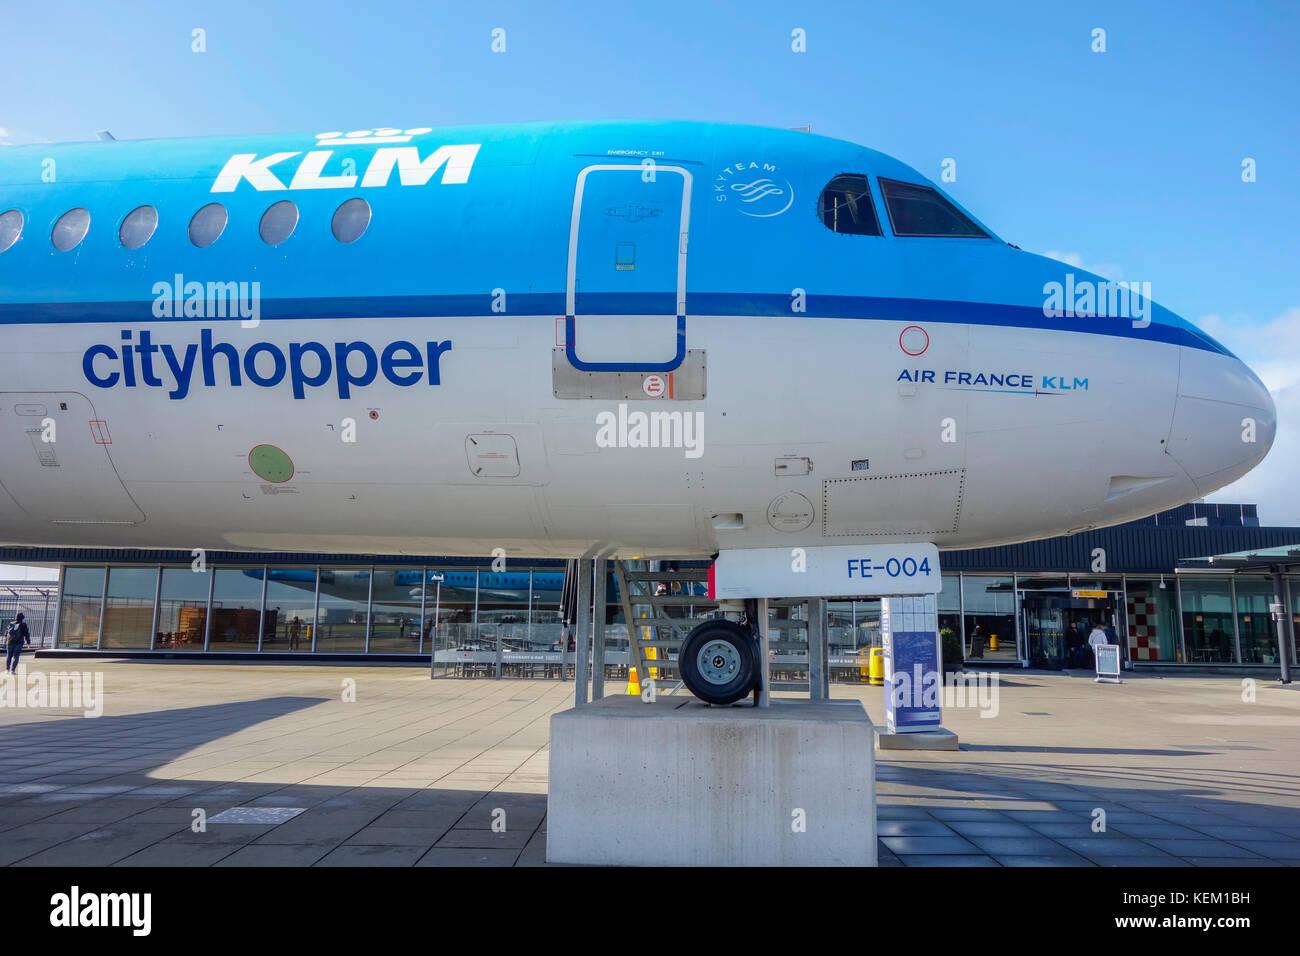 Aviones De Klm En El Techo De La Terraza Panorámica En El